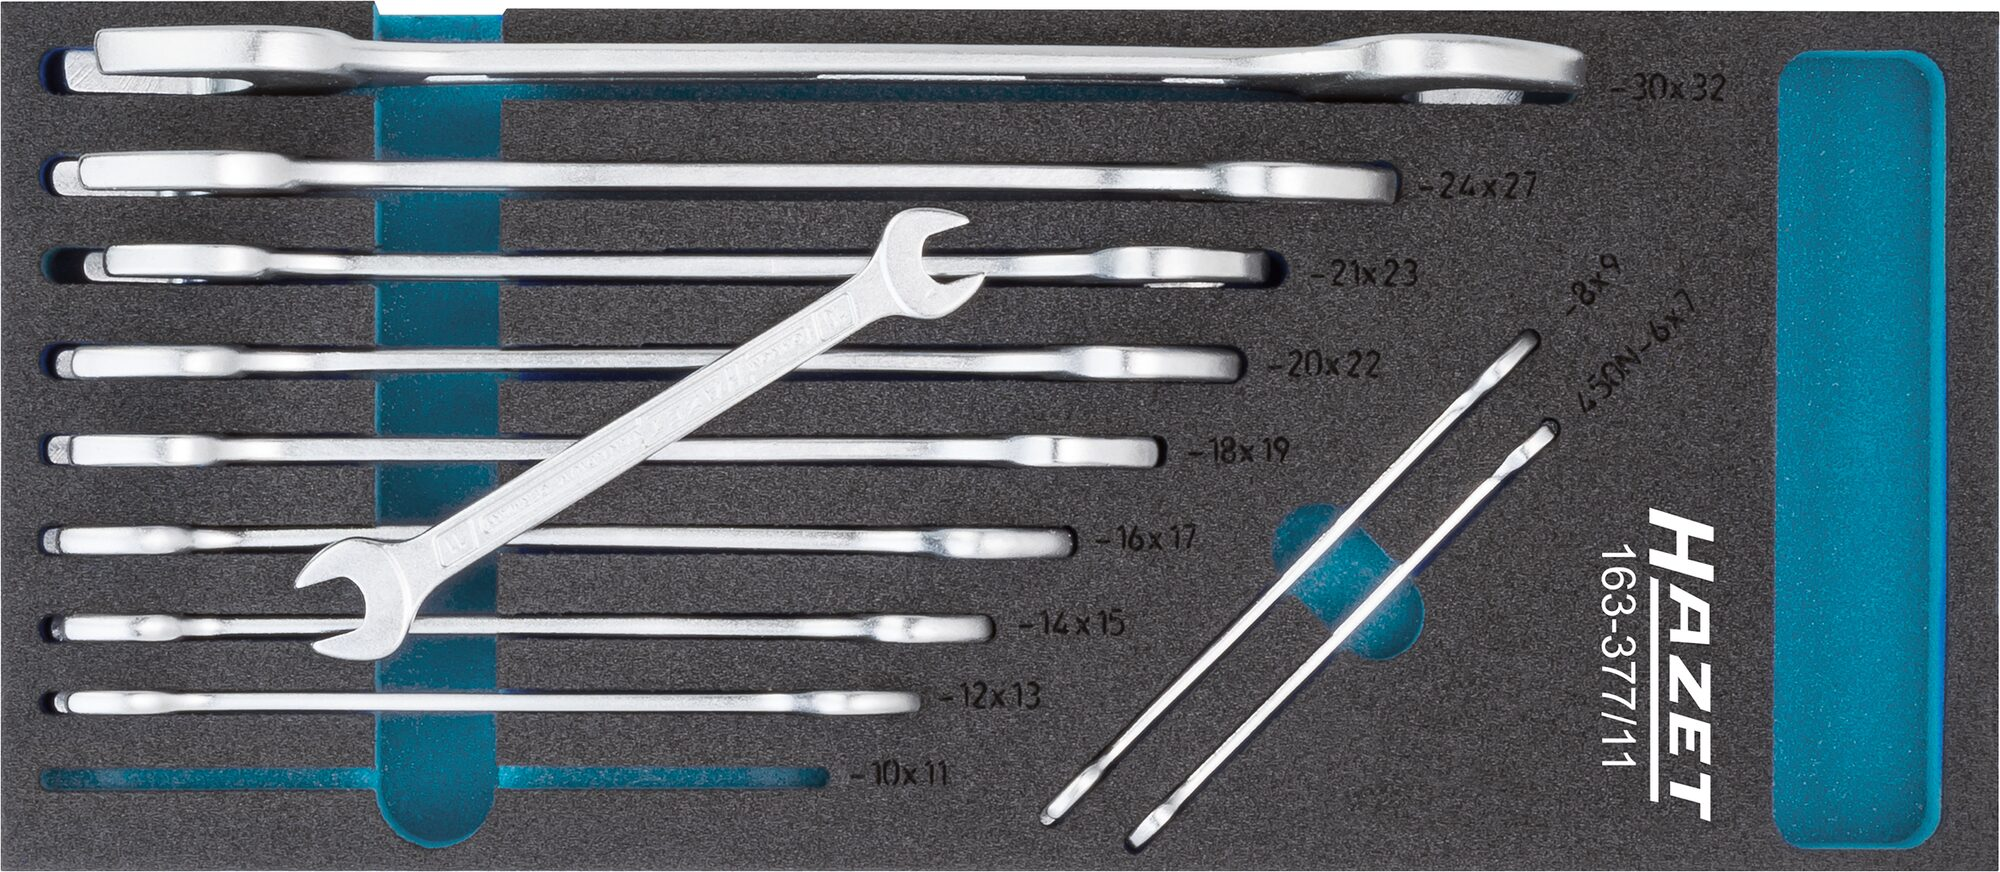 HAZET Doppel-Maulschlüssel Satz 163-377/11 ∙ Außen-Sechskant Profil ∙ 6x7 – 30x32 ∙ Anzahl Werkzeuge: 11